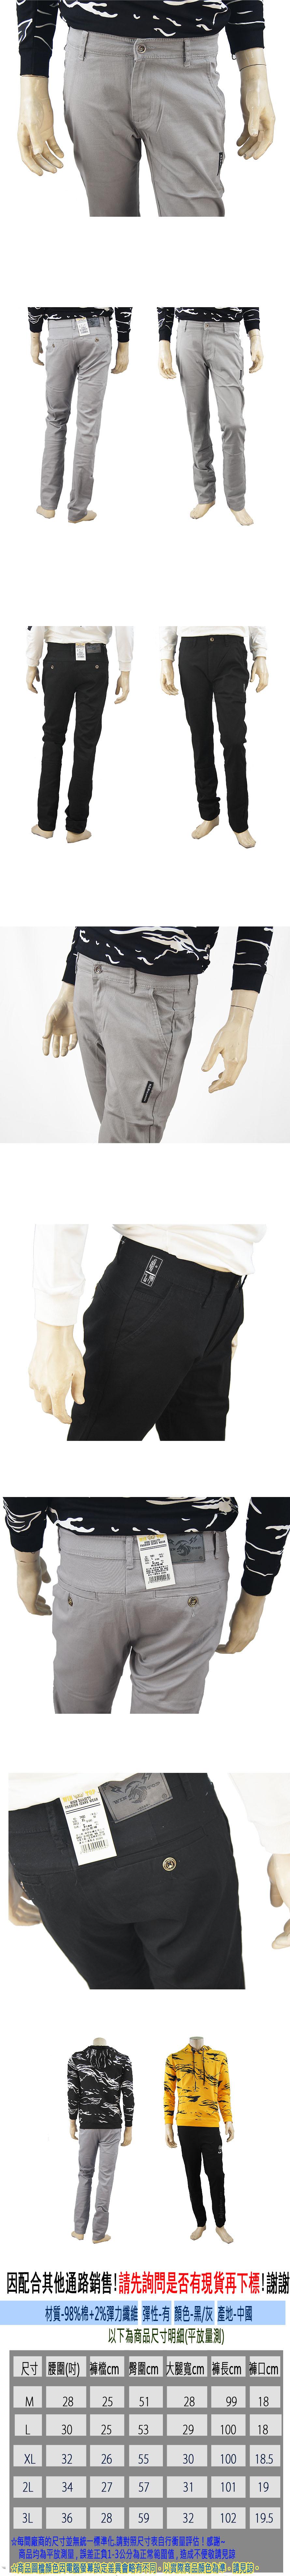 【肚子大】休閒長褲-韓版合身窄版-顯瘦-前後口袋-749091